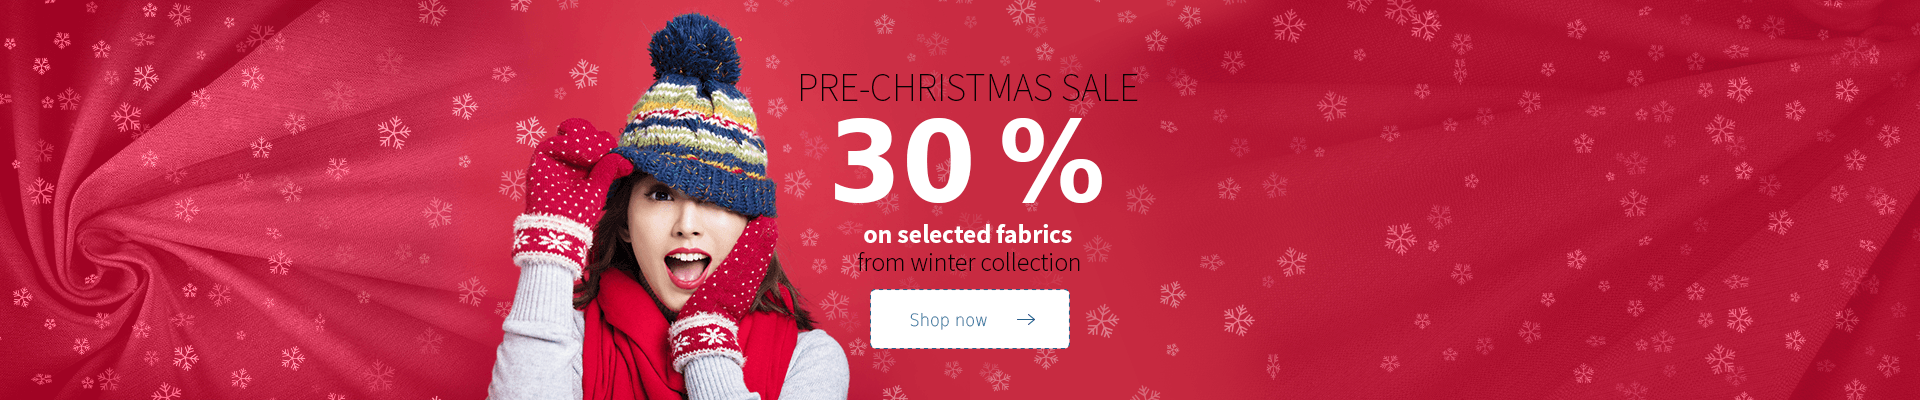 Pre-Christmas sales